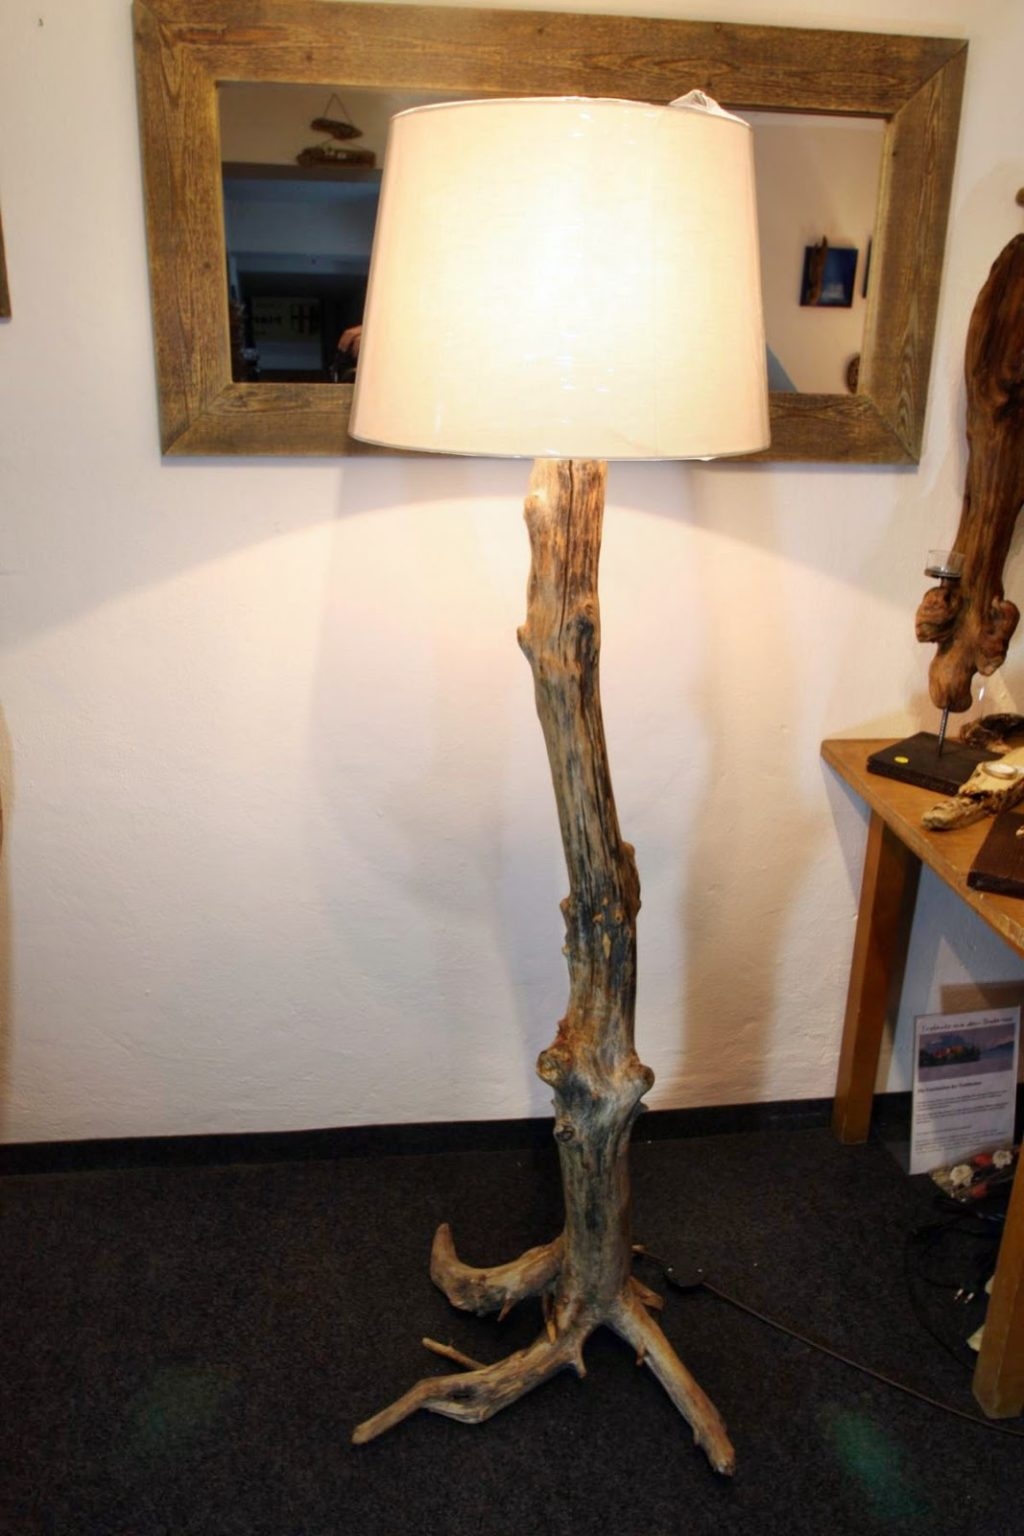 Full Size of Wohnzimmer Lampe Selber Bauen Beleuchtung Led Selbst Indirekte Leuchte Holz Machen Einzigartige Treibholz Lampen Zum Tapete Wandbild Hängelampe Stehlampe Wohnzimmer Wohnzimmer Lampe Selber Bauen